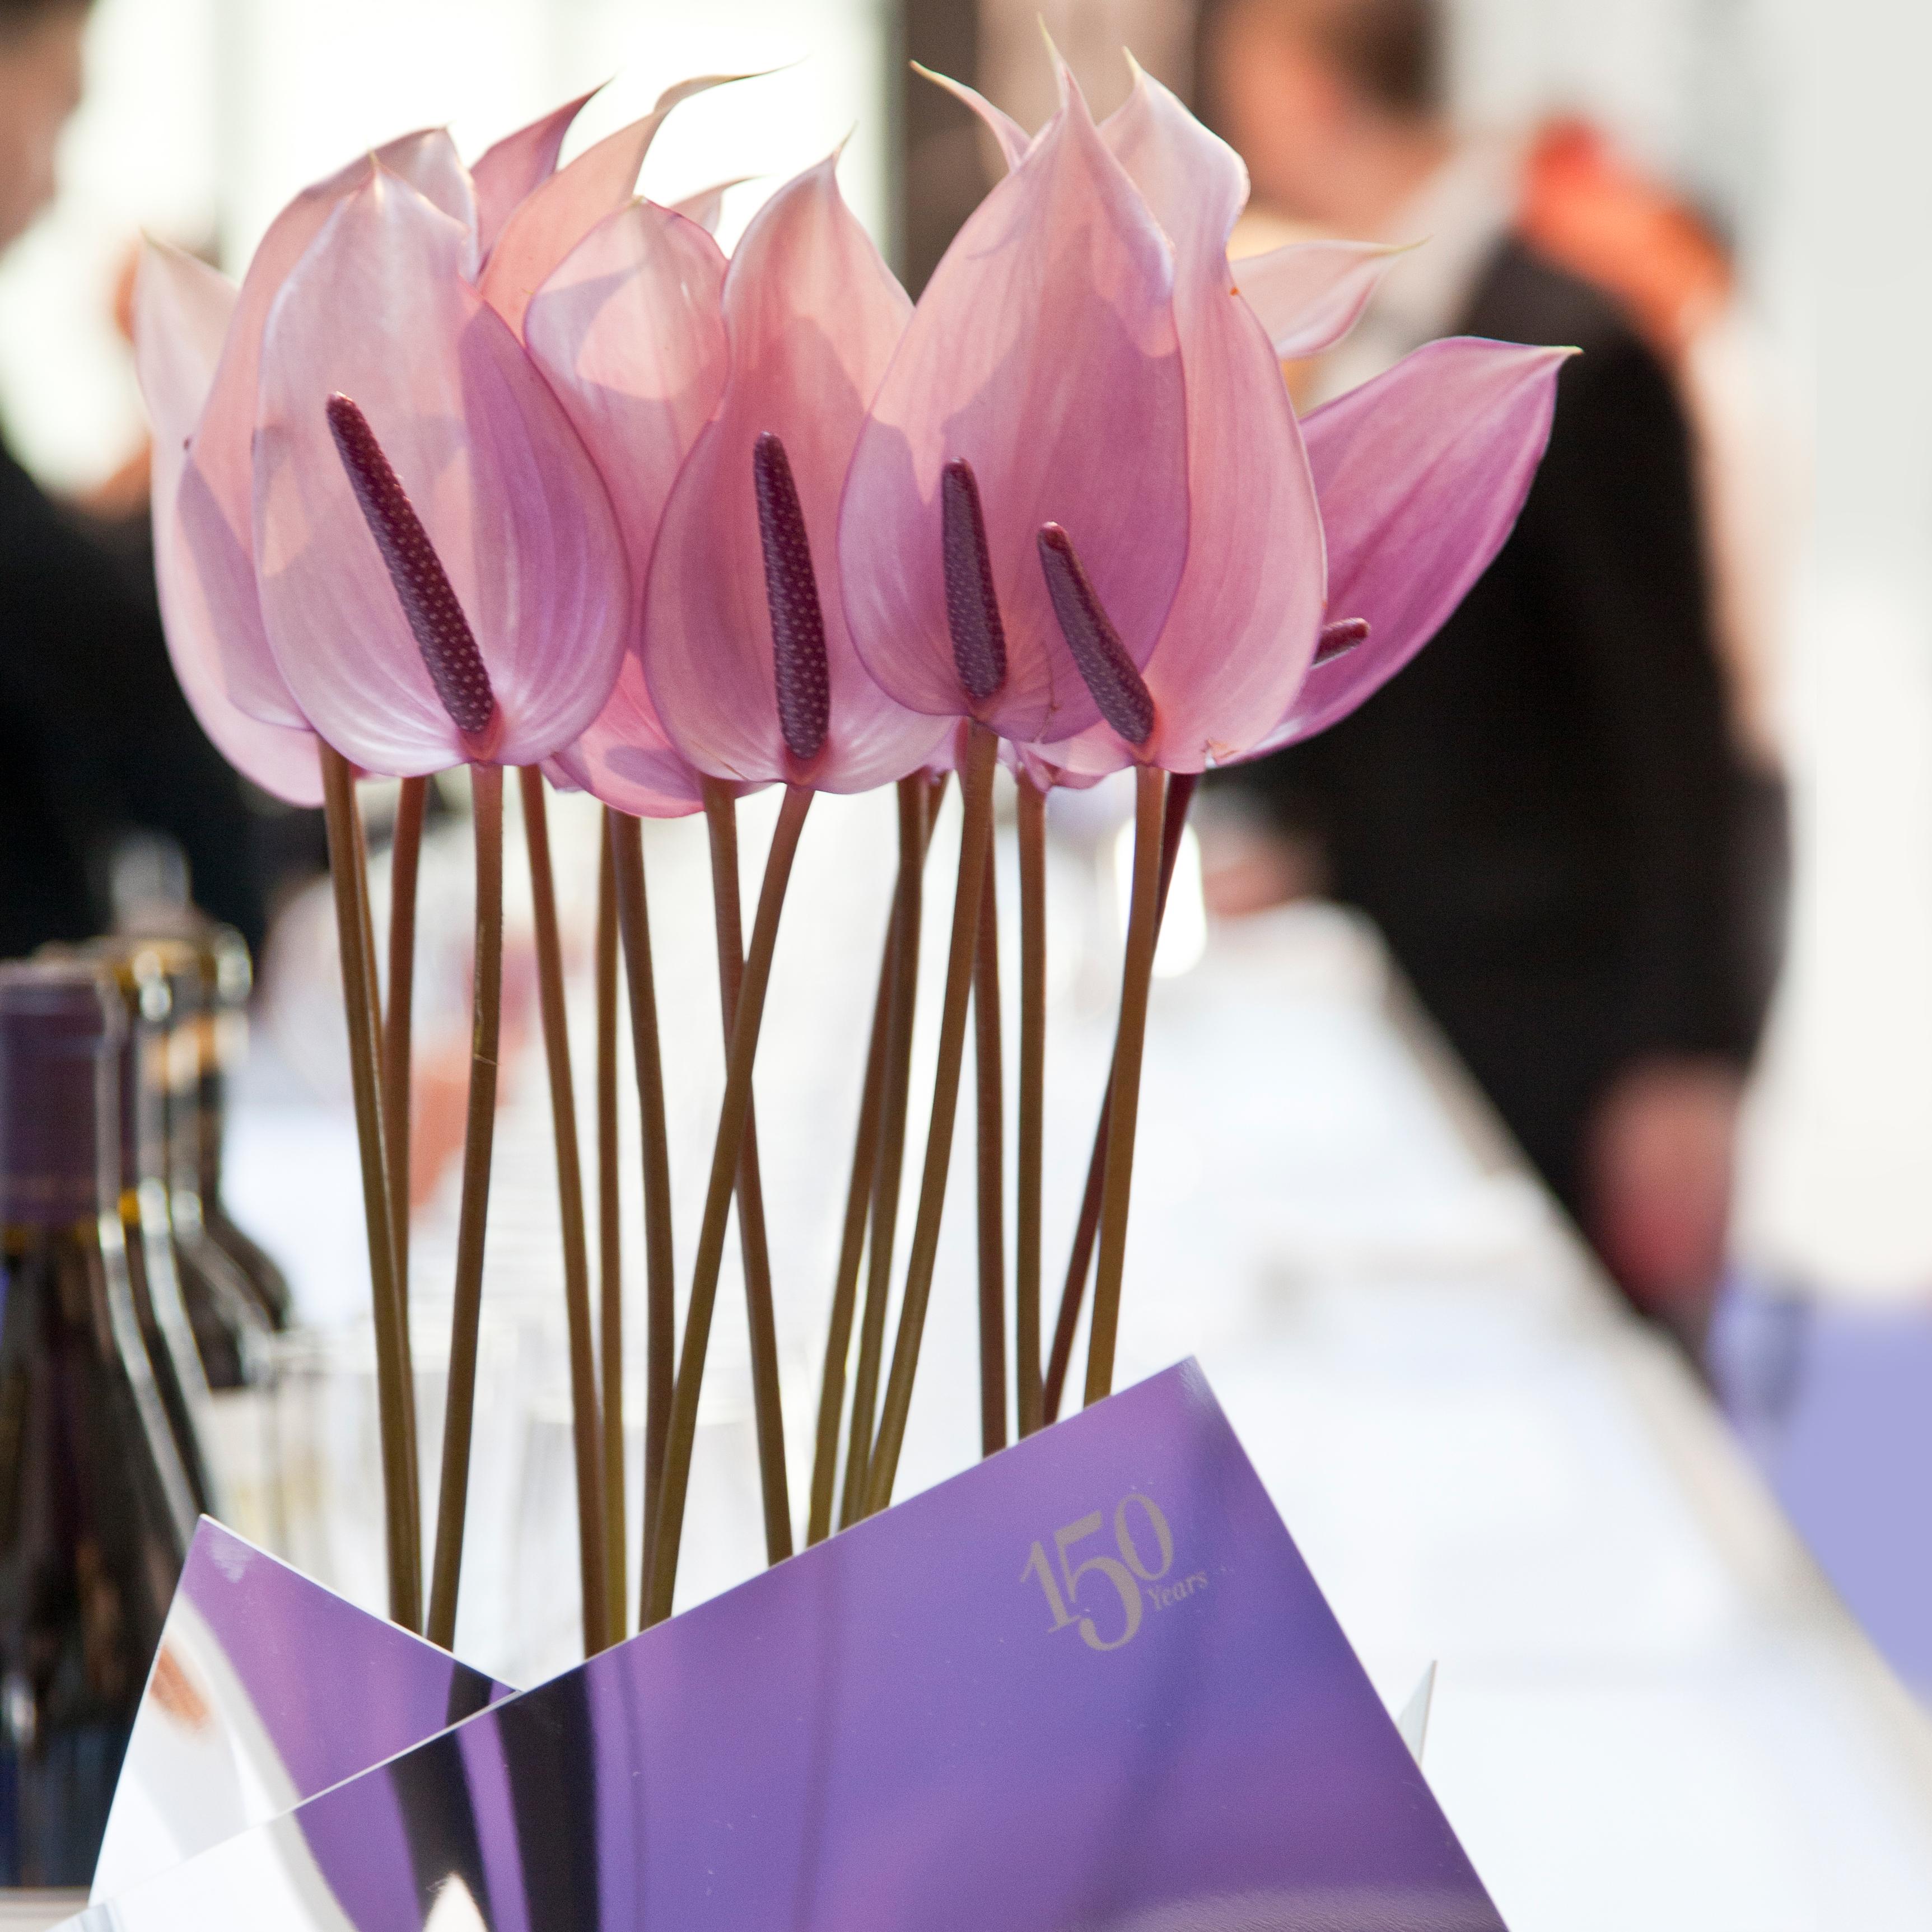 UBS 150 Jahre Jubiläum New York Blumendekoration